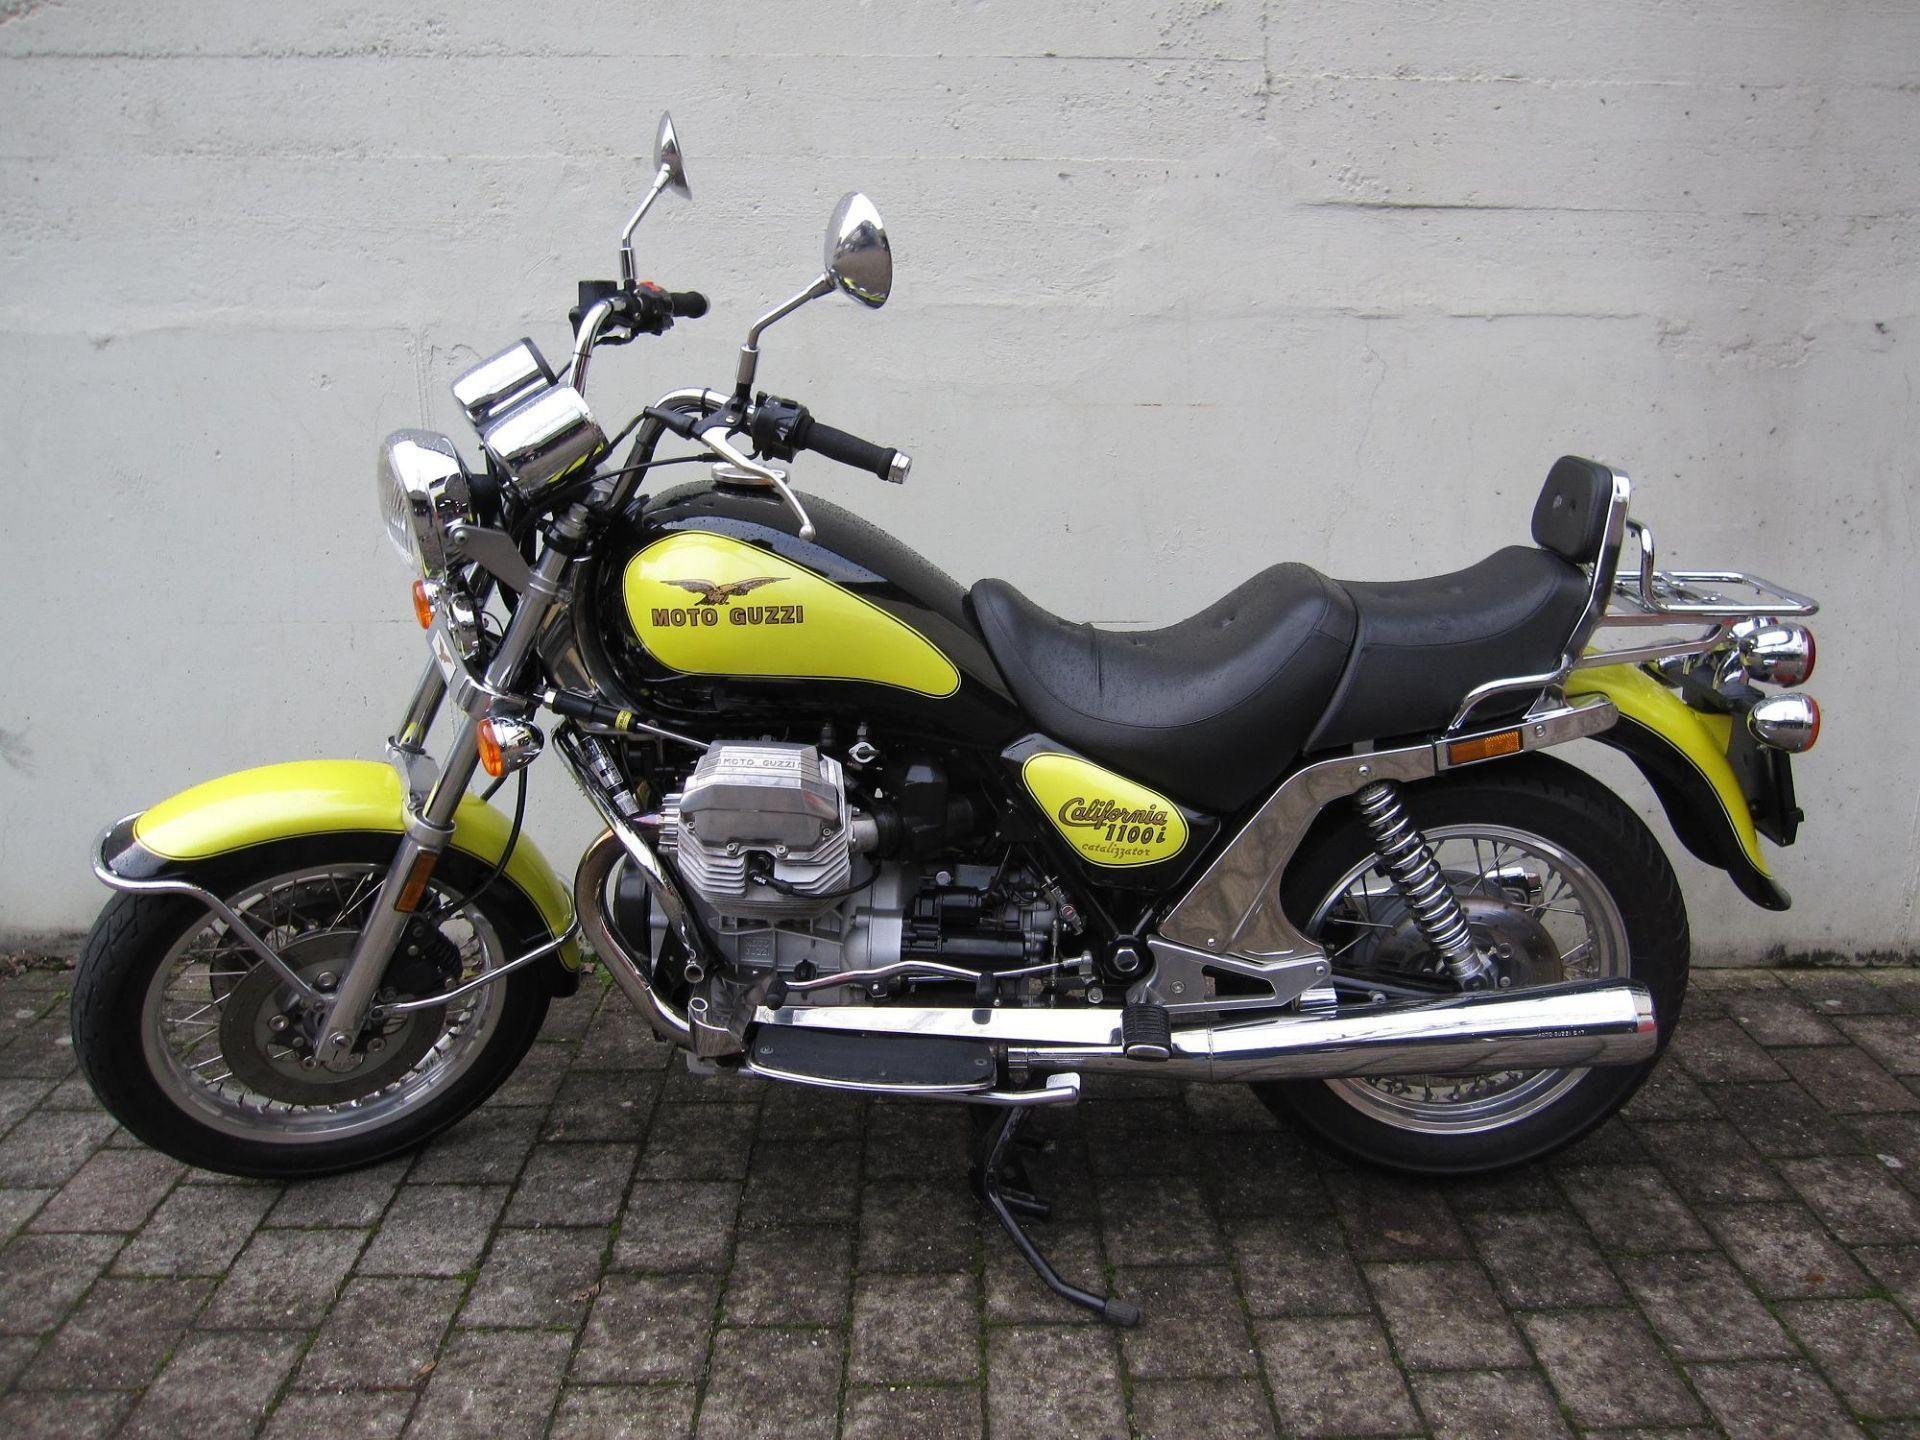 moto guzzi occasion occasion moto de la semaine moto. Black Bedroom Furniture Sets. Home Design Ideas